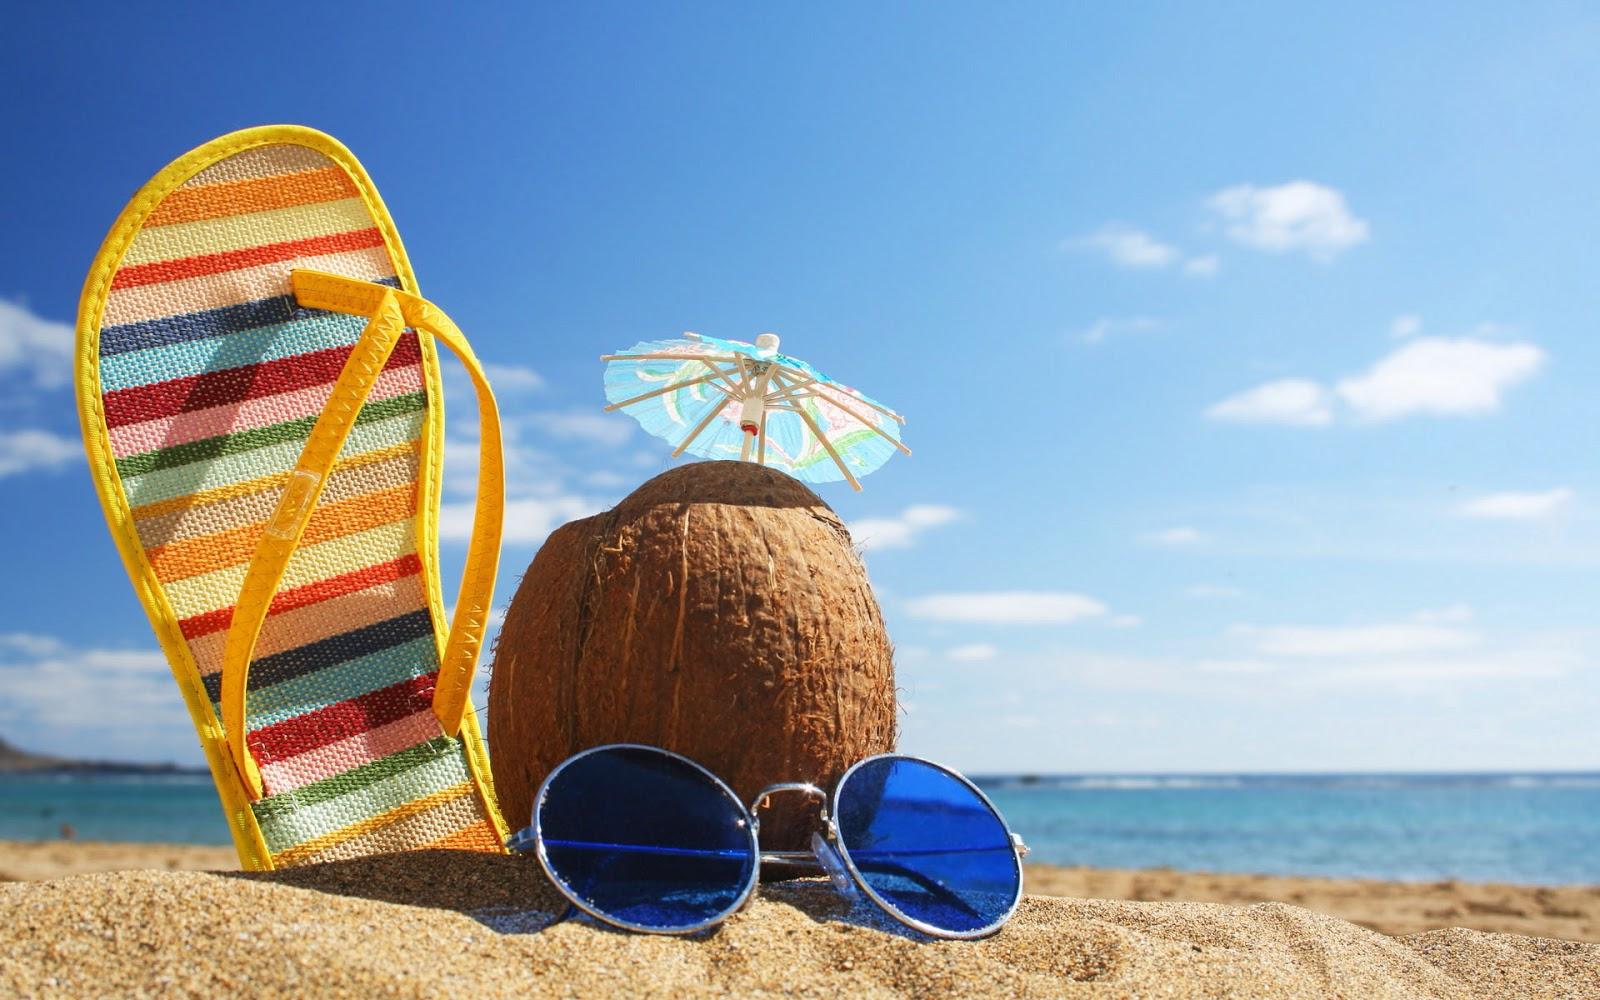 vakantie-weer-voorbij-nouja-voorbij